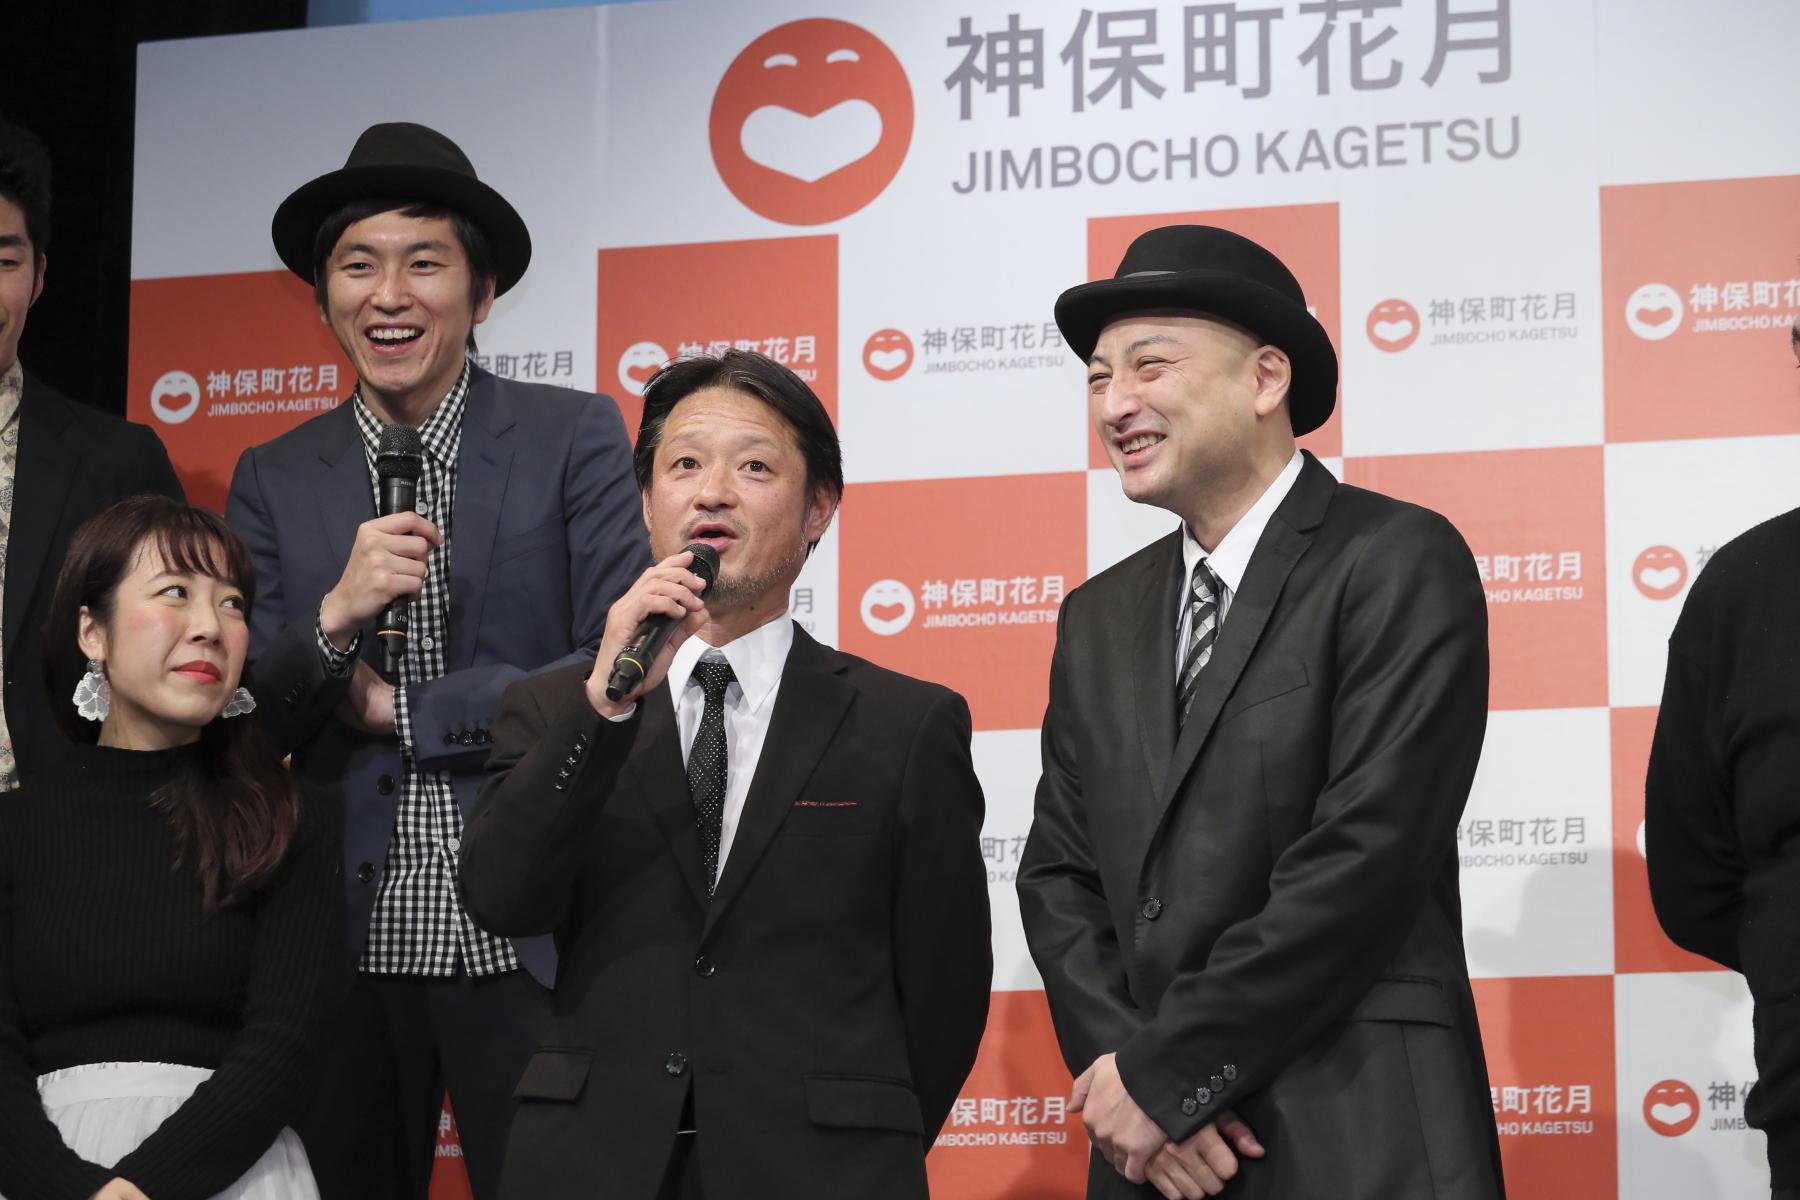 http://news.yoshimoto.co.jp/20181204214330-9f30e0d97934f08b0fbe3a2221e684f24a69602d.jpg